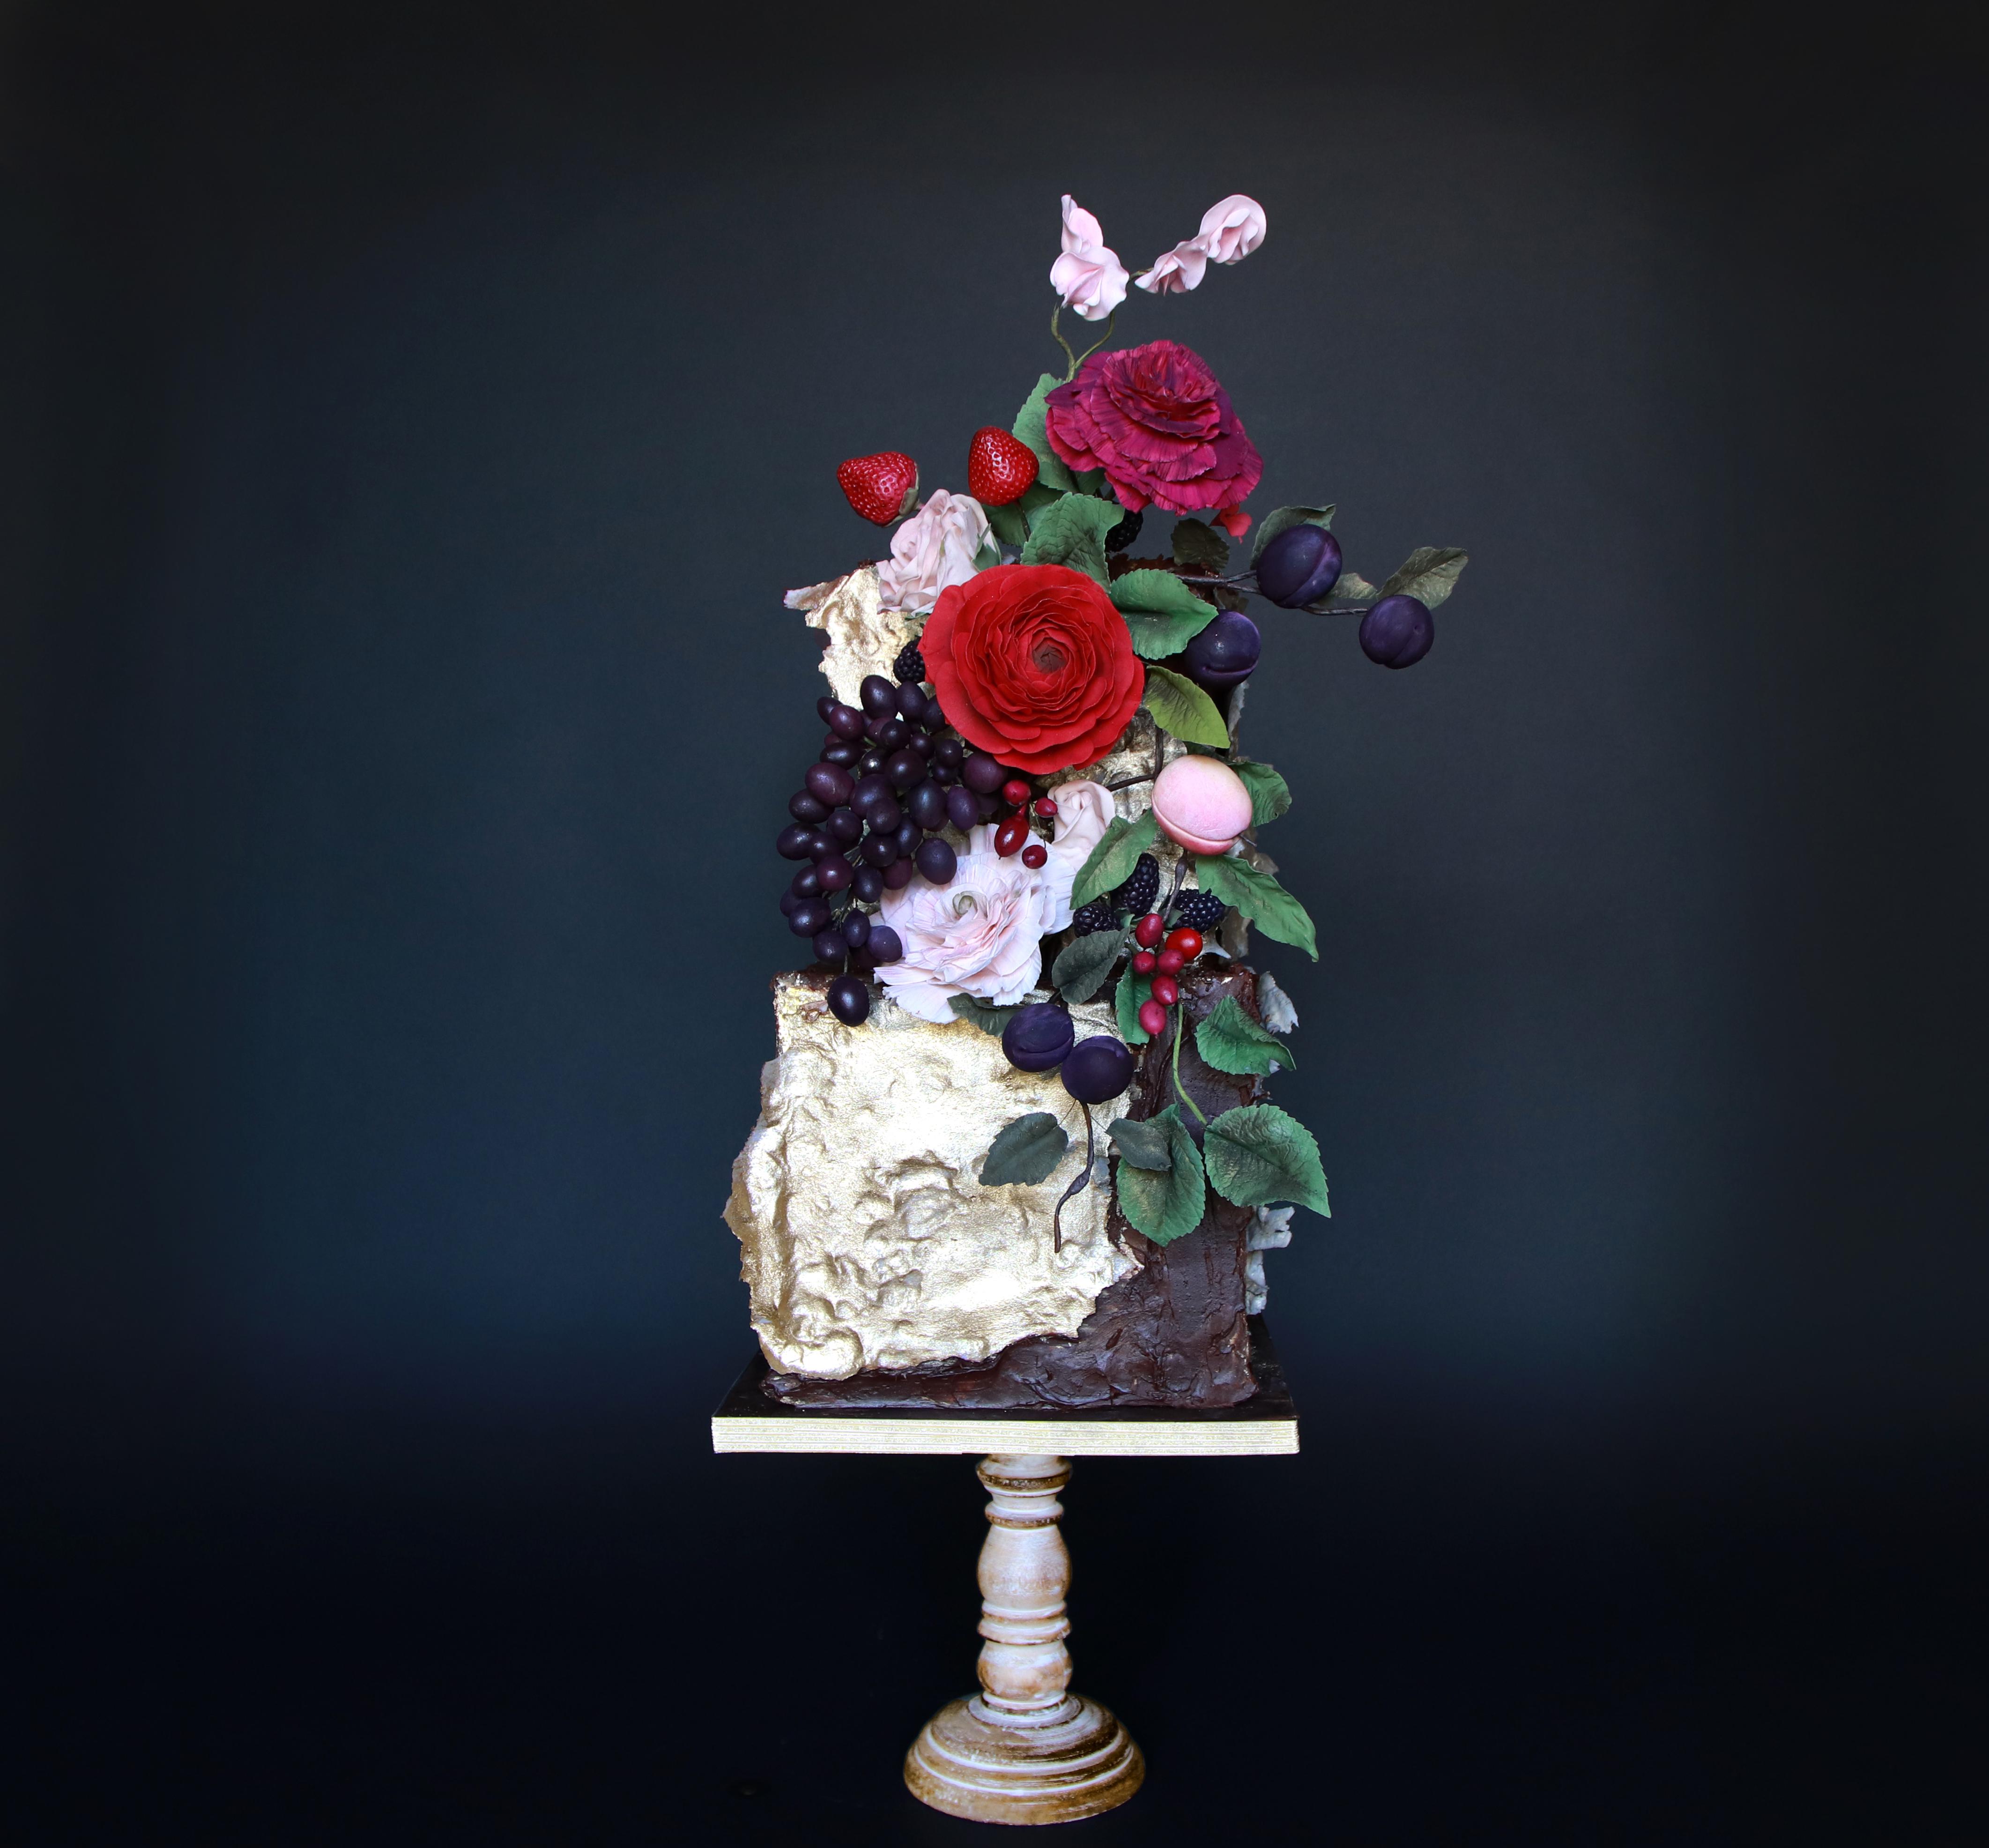 Purple and white vineyard inspired wedding cake